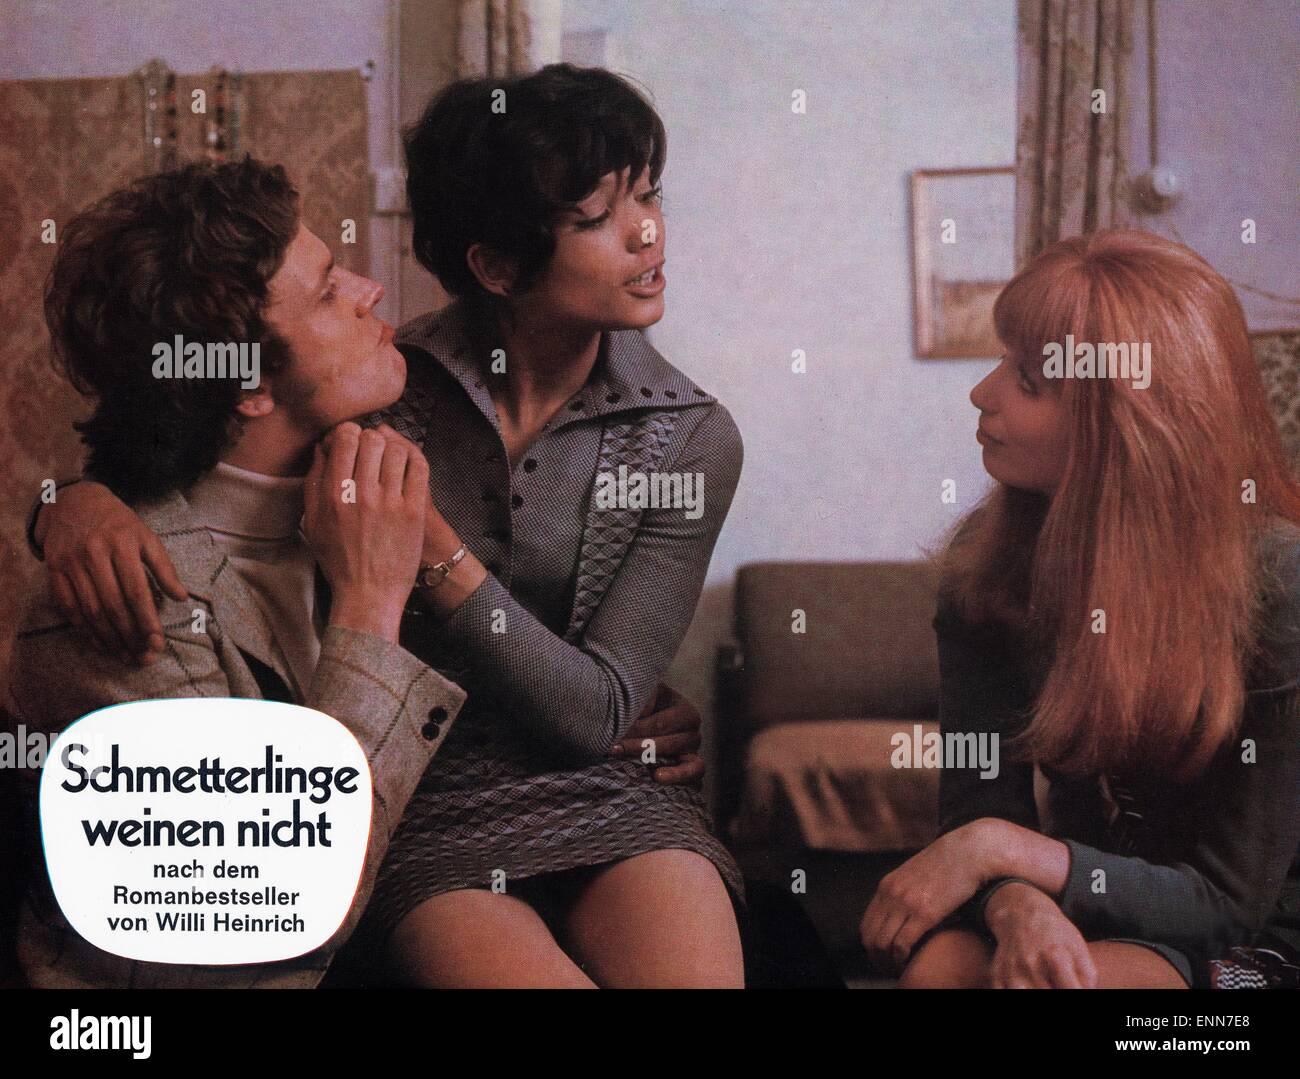 Schmetterlinge weinen nicht, Deutschland 1970, Regie: Klaus Überall, Darsteller: Klaus Grünberg, Lyvia - Stock Image